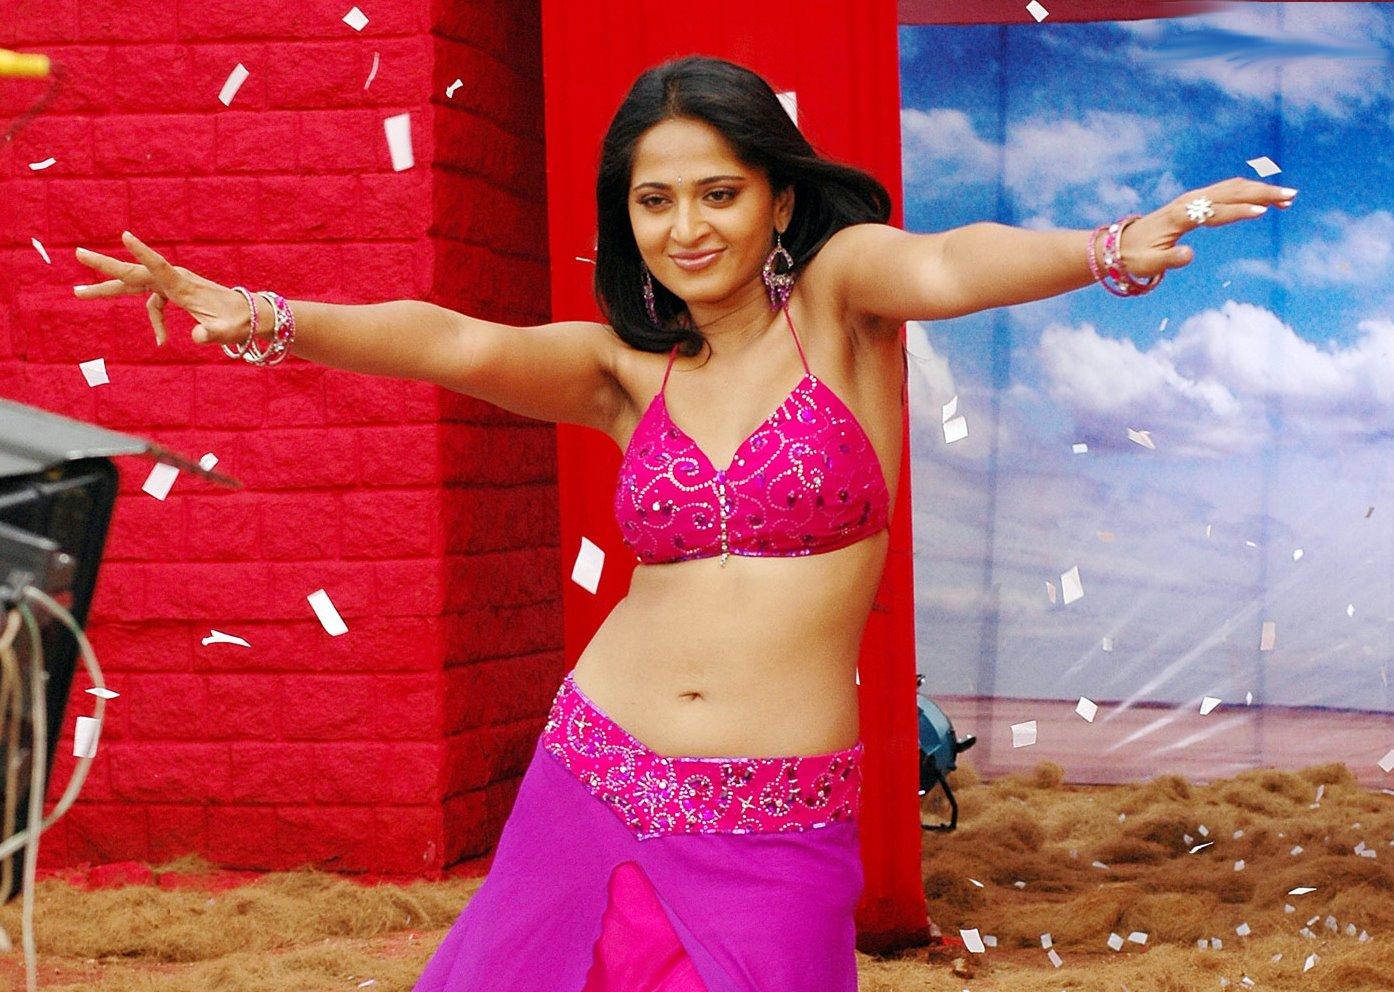 anushka shetty hottest navels of indian people